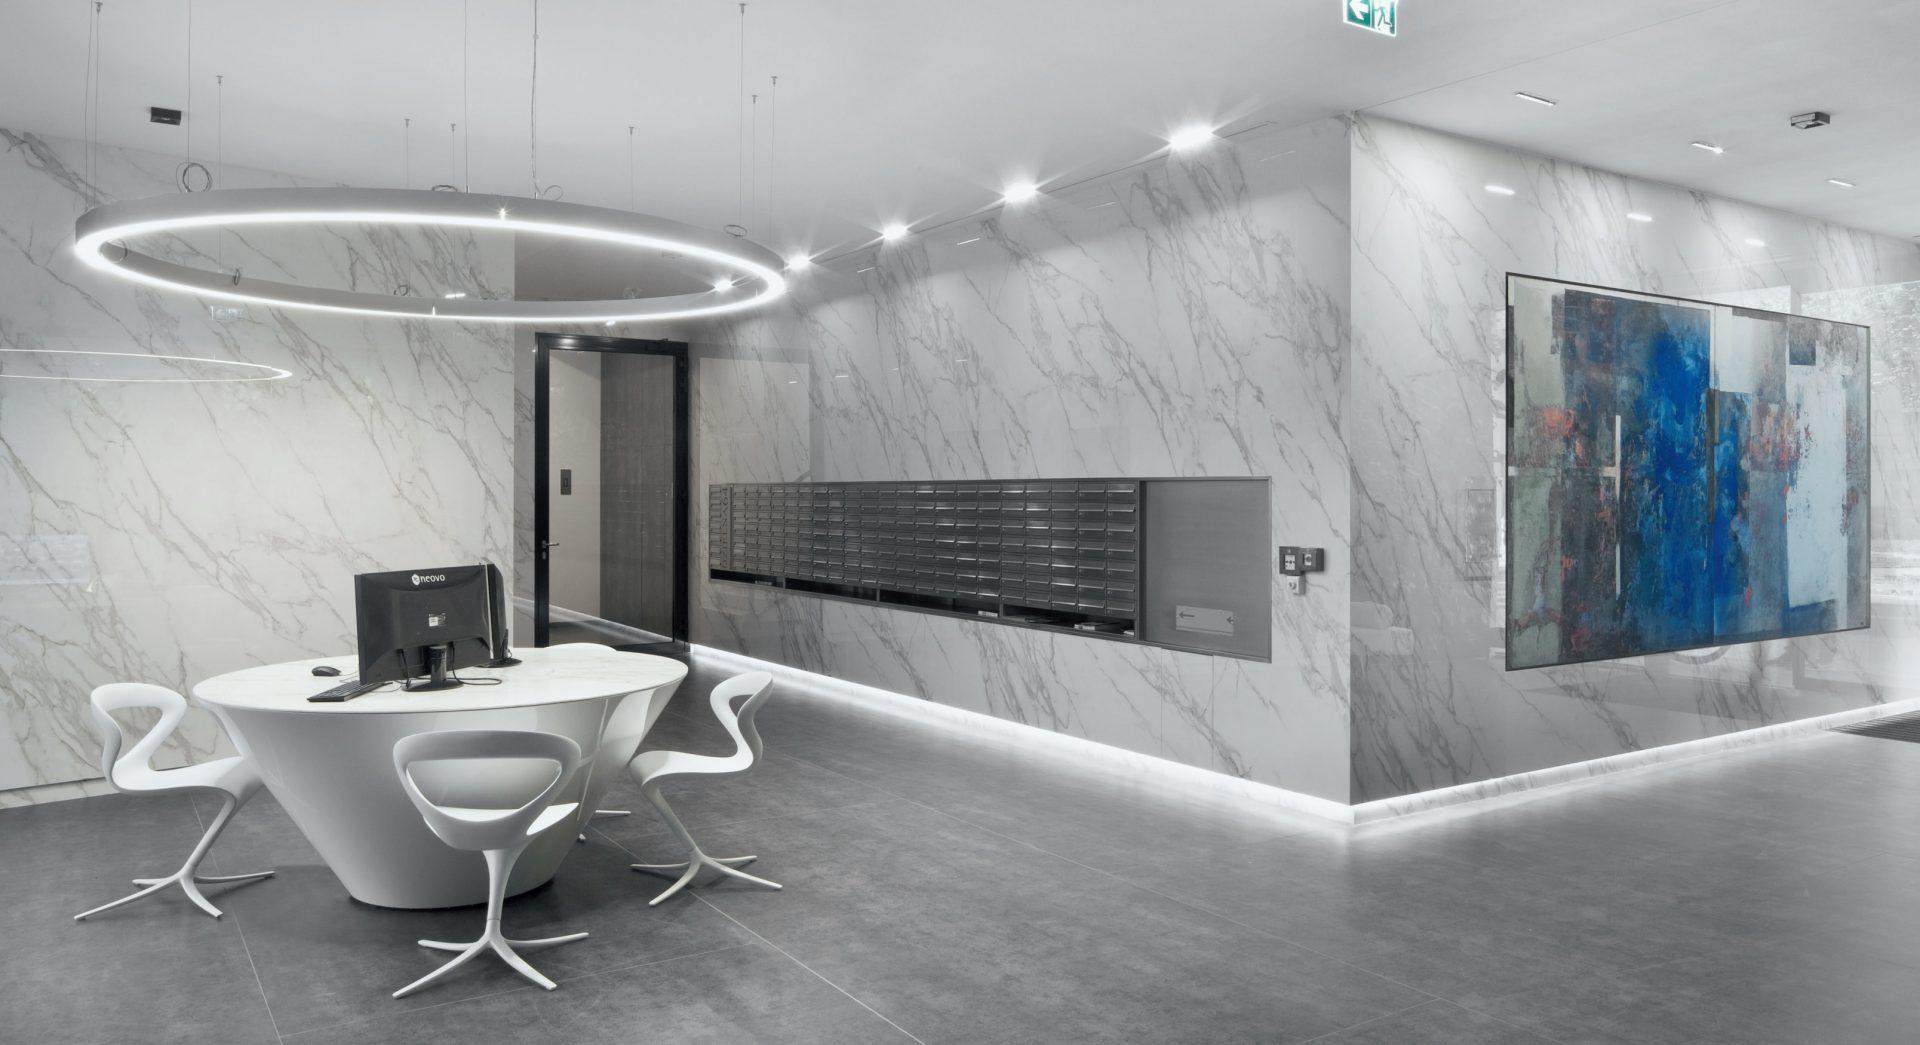 Dzielna 64, Warszawa, Polska. Inwestor: Ochnik Development Sp. z o.o.